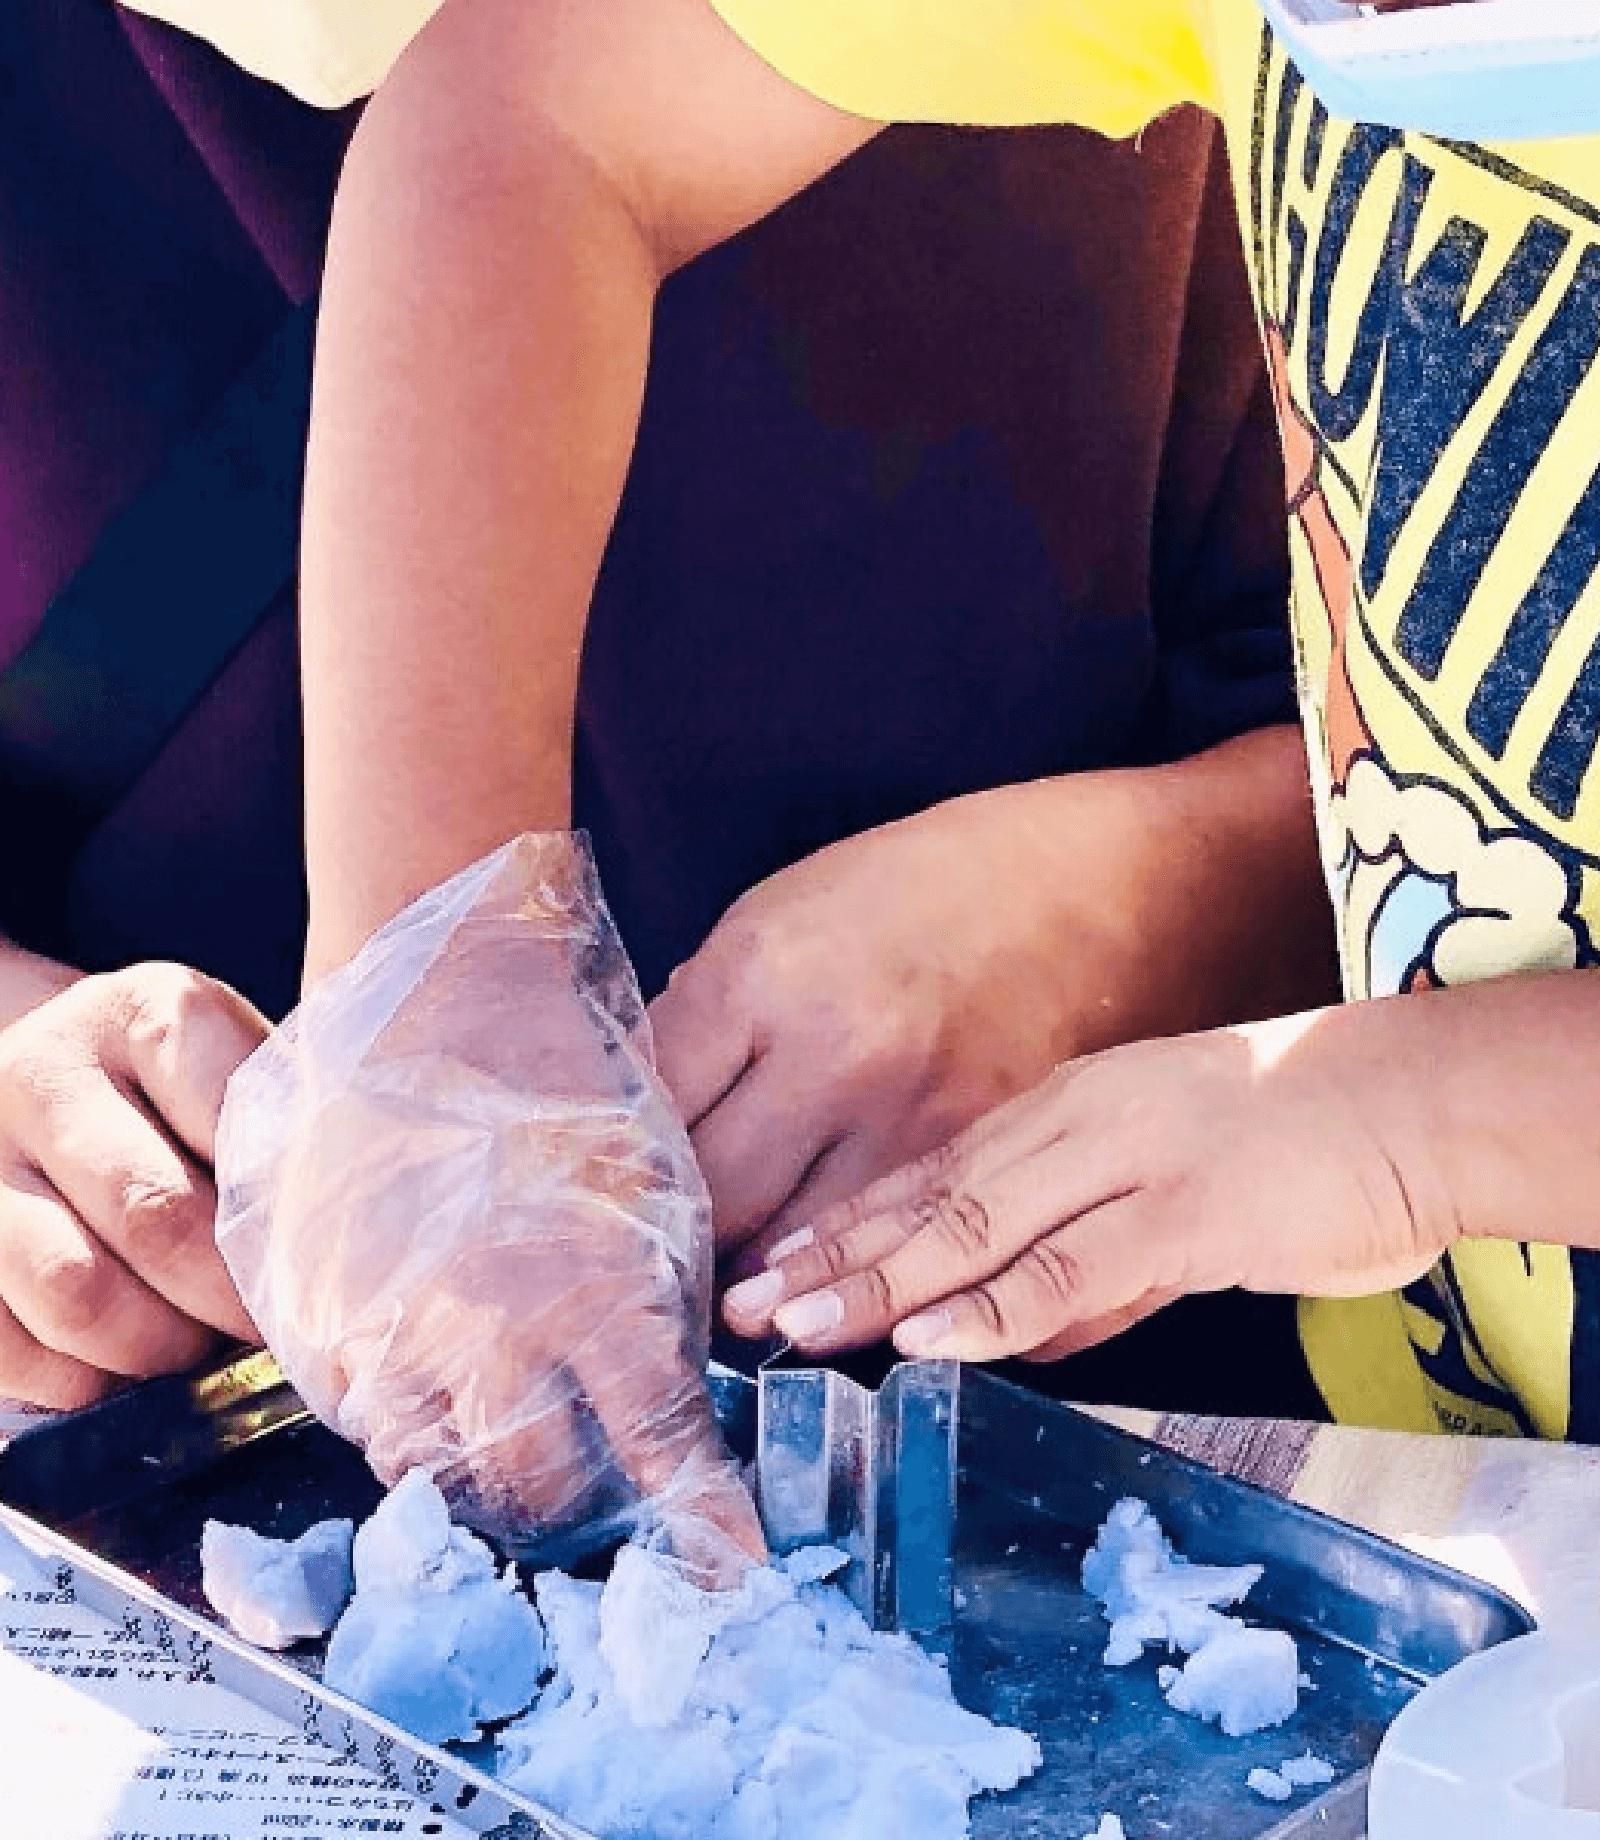 【アロマハンドメイド】ハーブ入りアロマ練り石けん作り